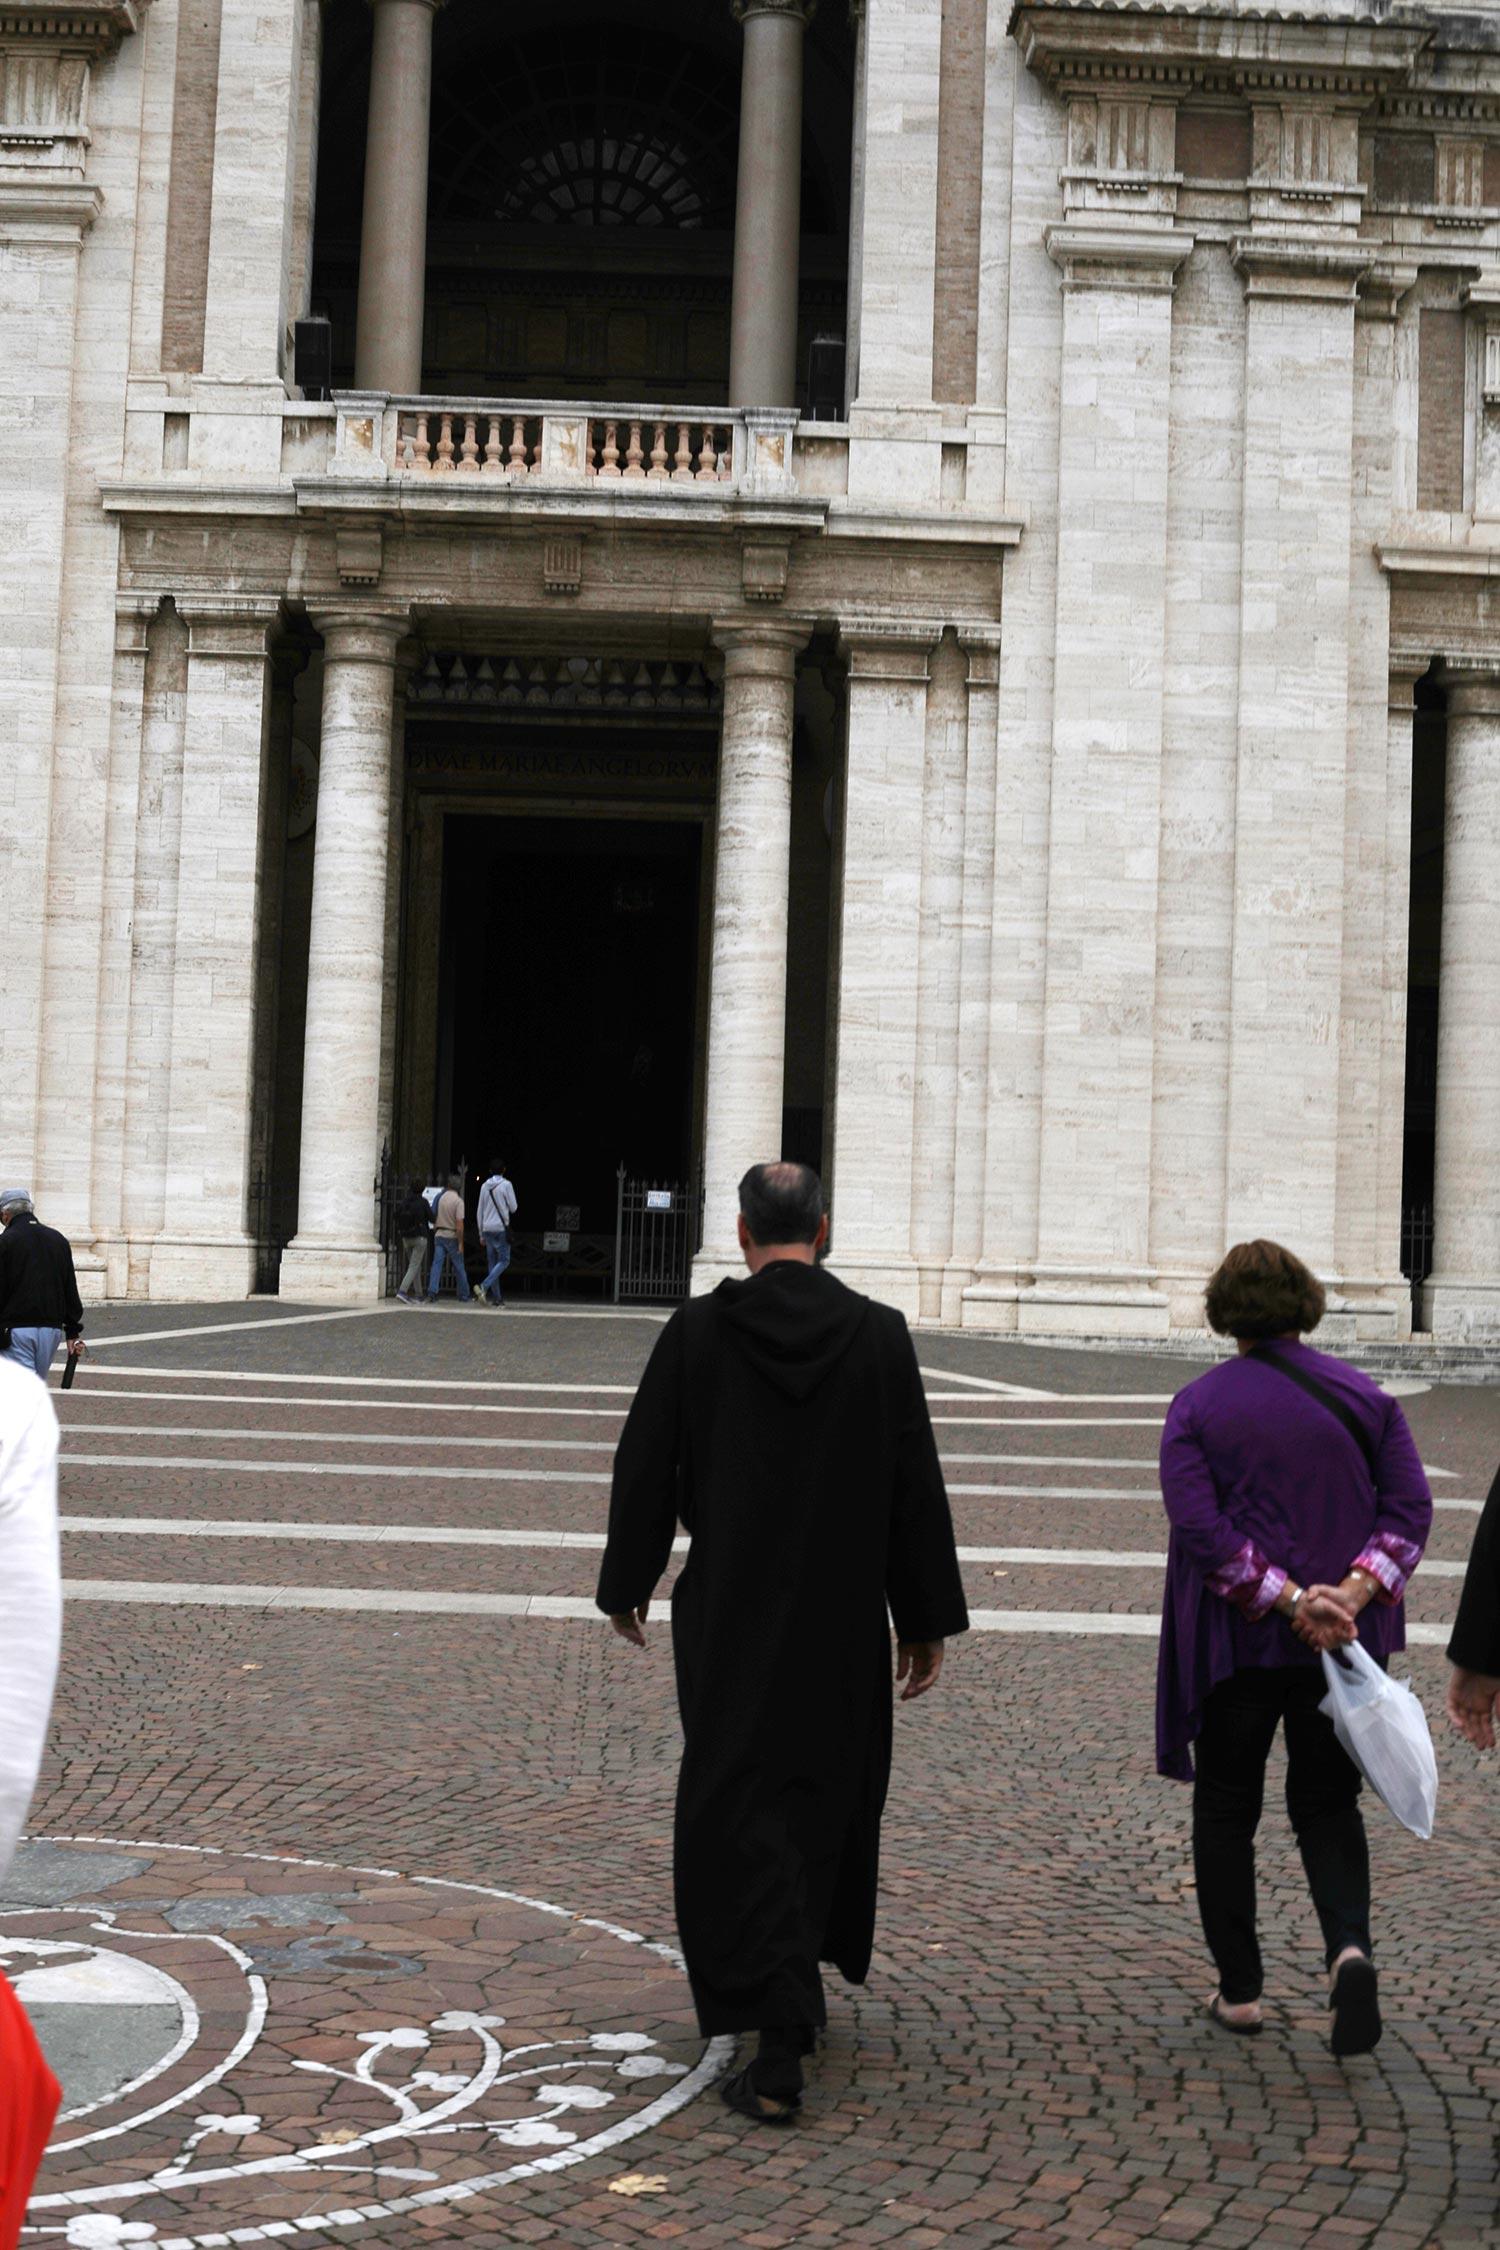 Pilgrimage_Rome_4011_Assisi.jpg